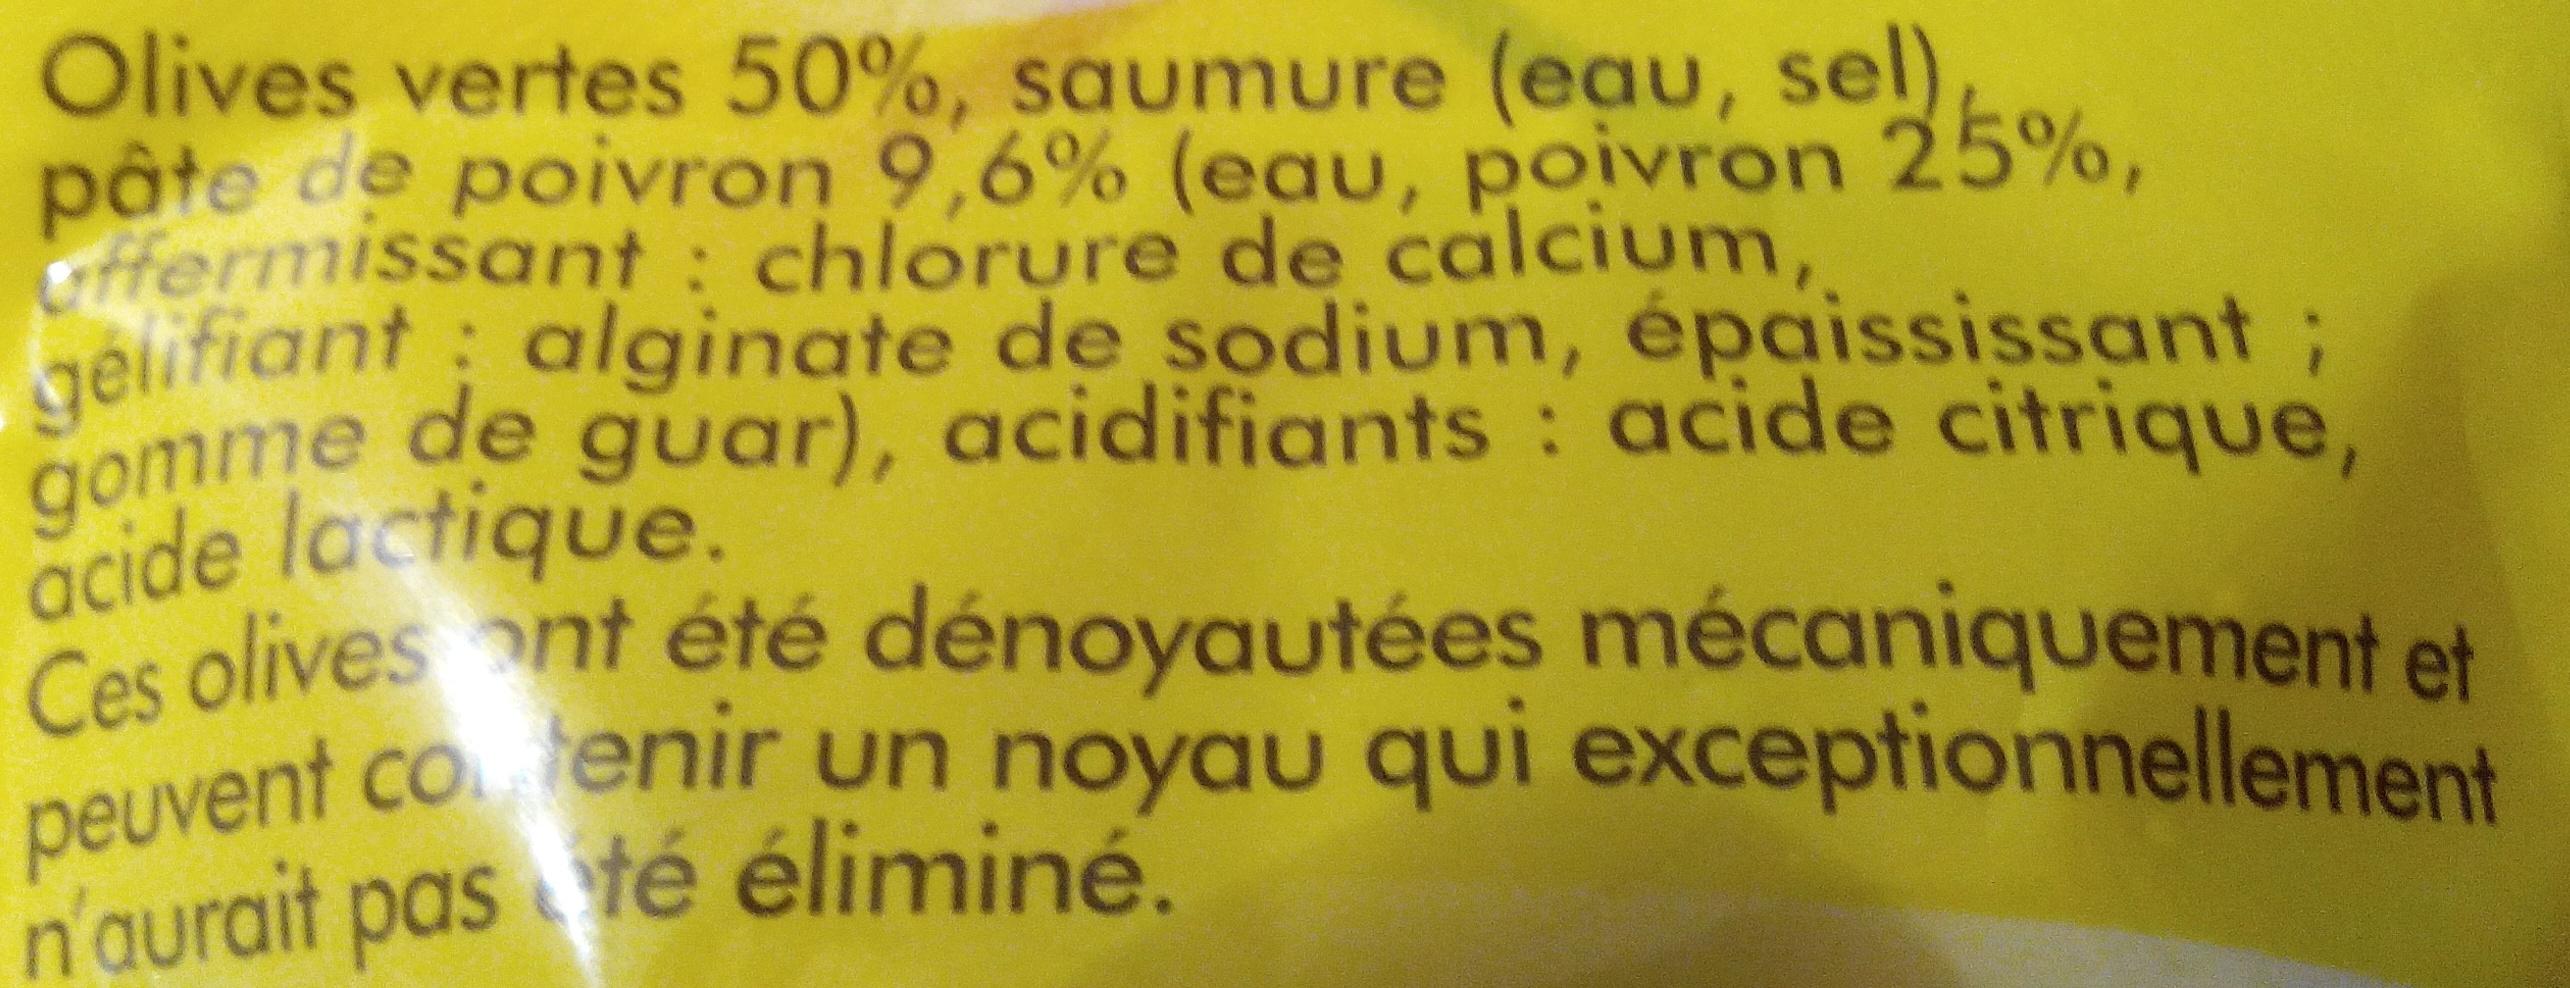 Olives vertes farcies à la pâte de poivron - Ingredients - fr